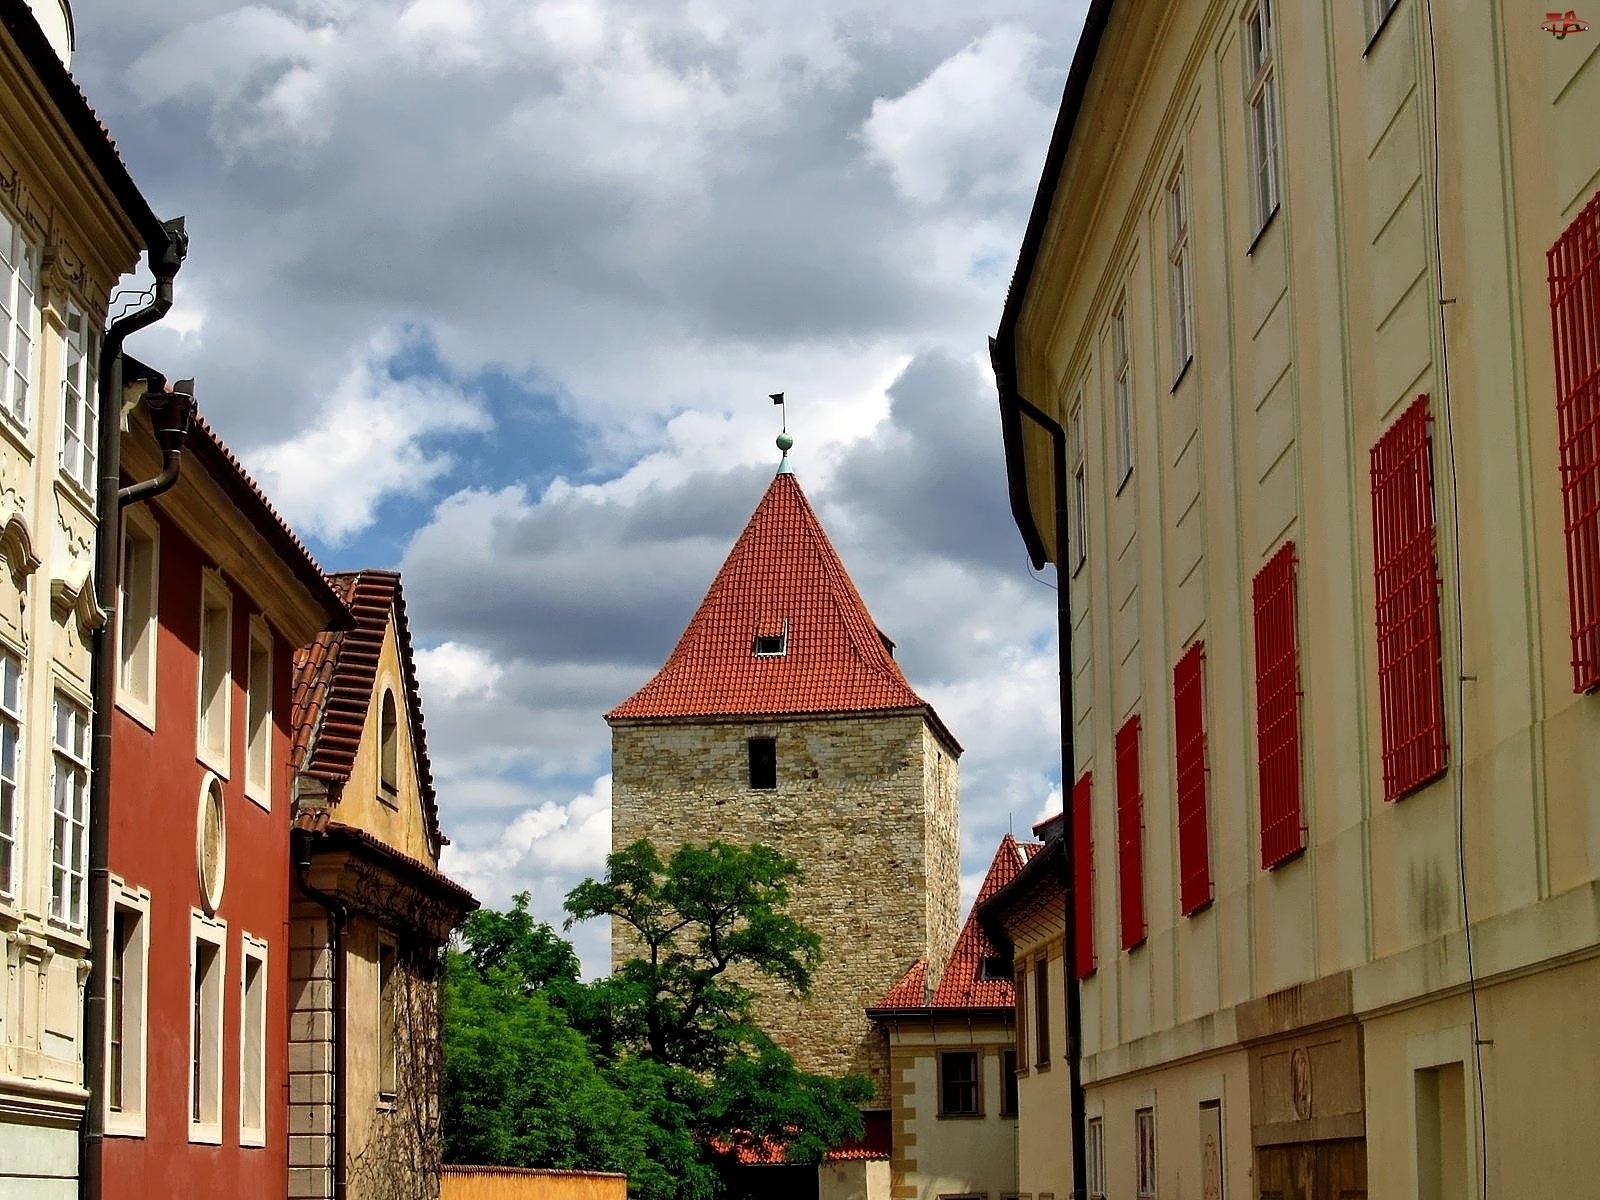 Domy, Akacja, Praga, Chmury, Zabytki, Ulica